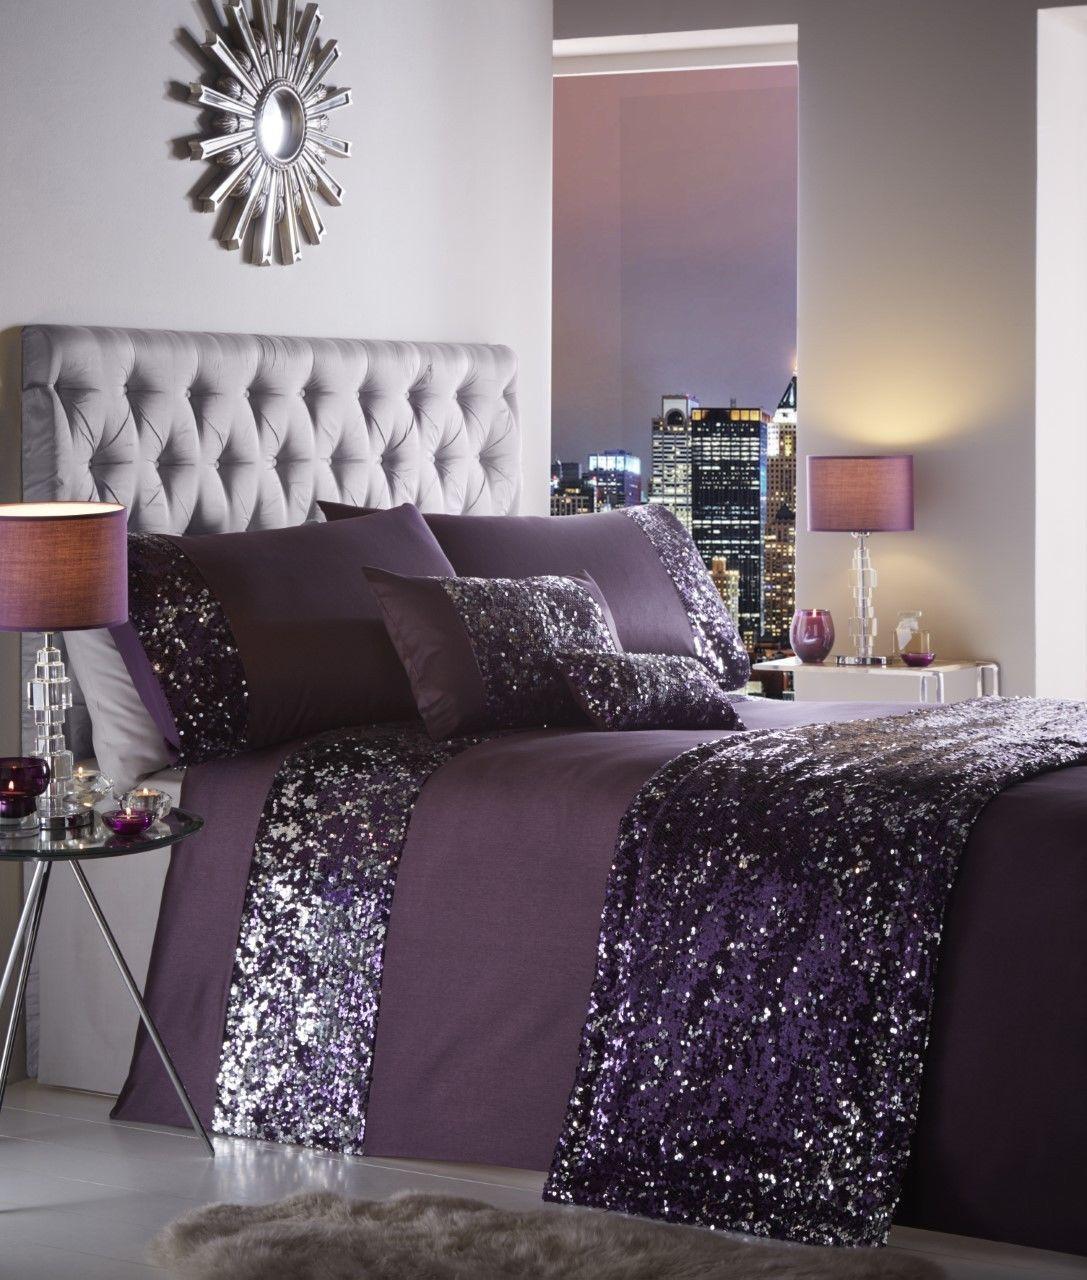 Details About Dazzle Luxury Sequin Sparkle Grey Purple Duvet Cover